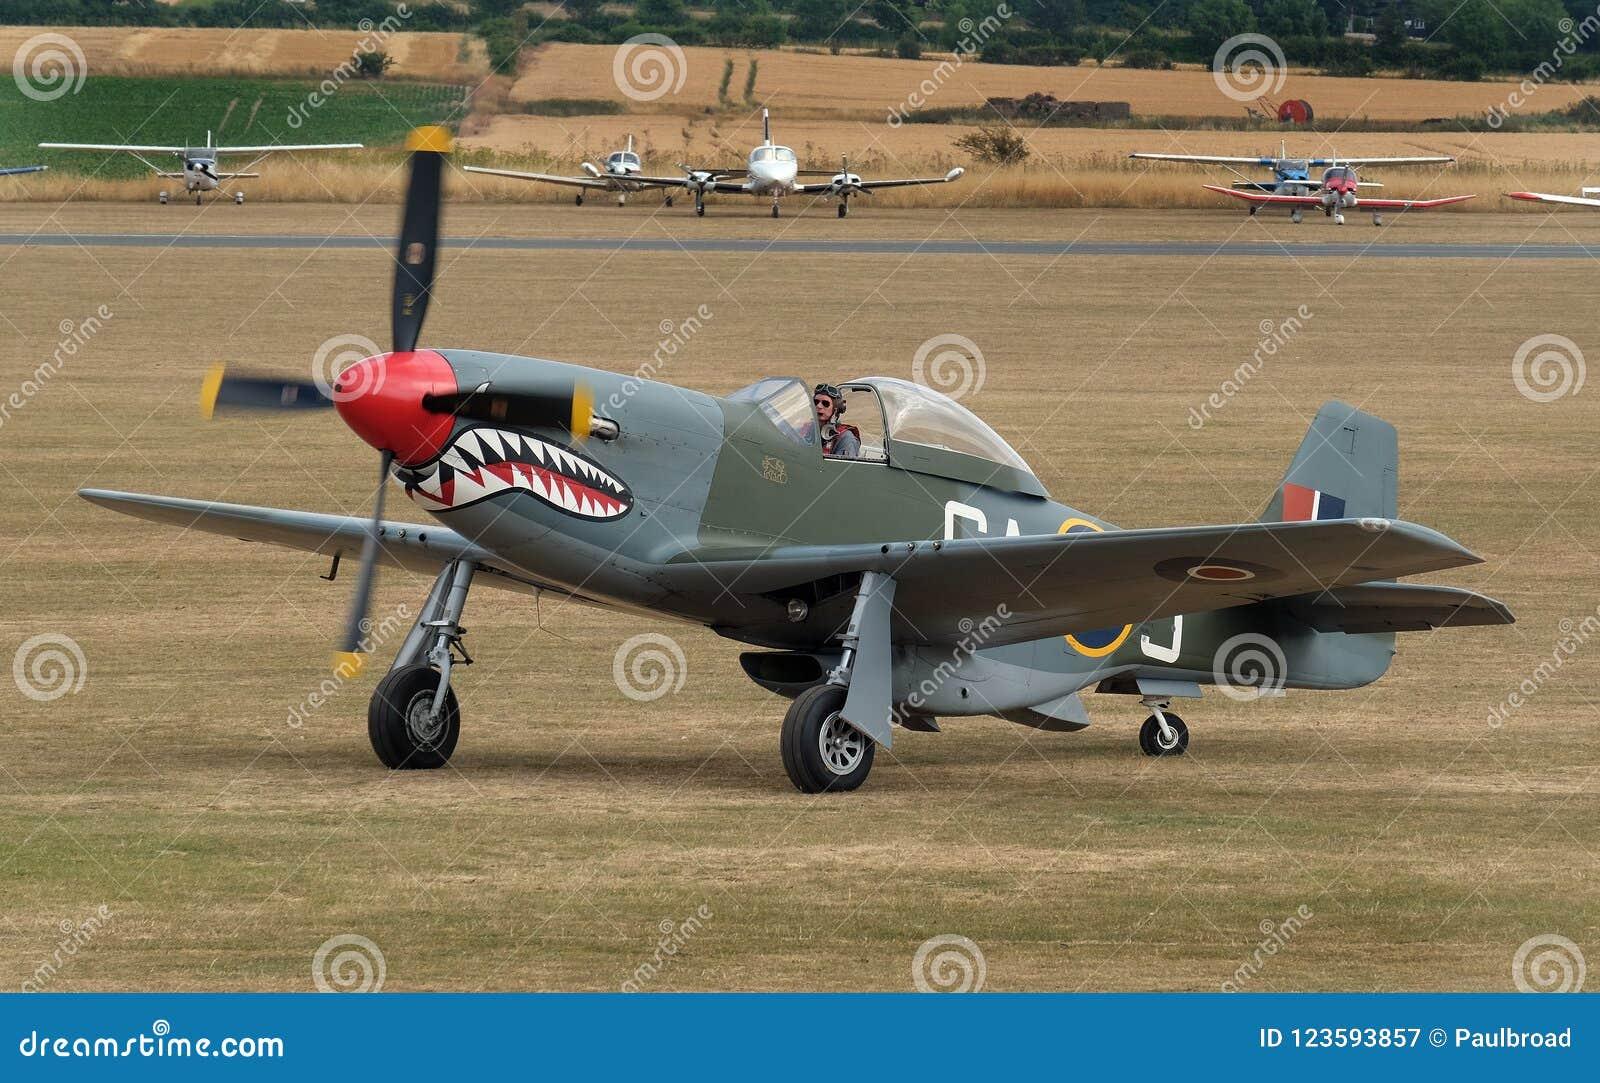 Der nordamerikanische Mustang der Luftfahrt-P-51 ist ein amerikanischer weit reichender, EinzelSeat-Kämpfer und ein Jagdbomber